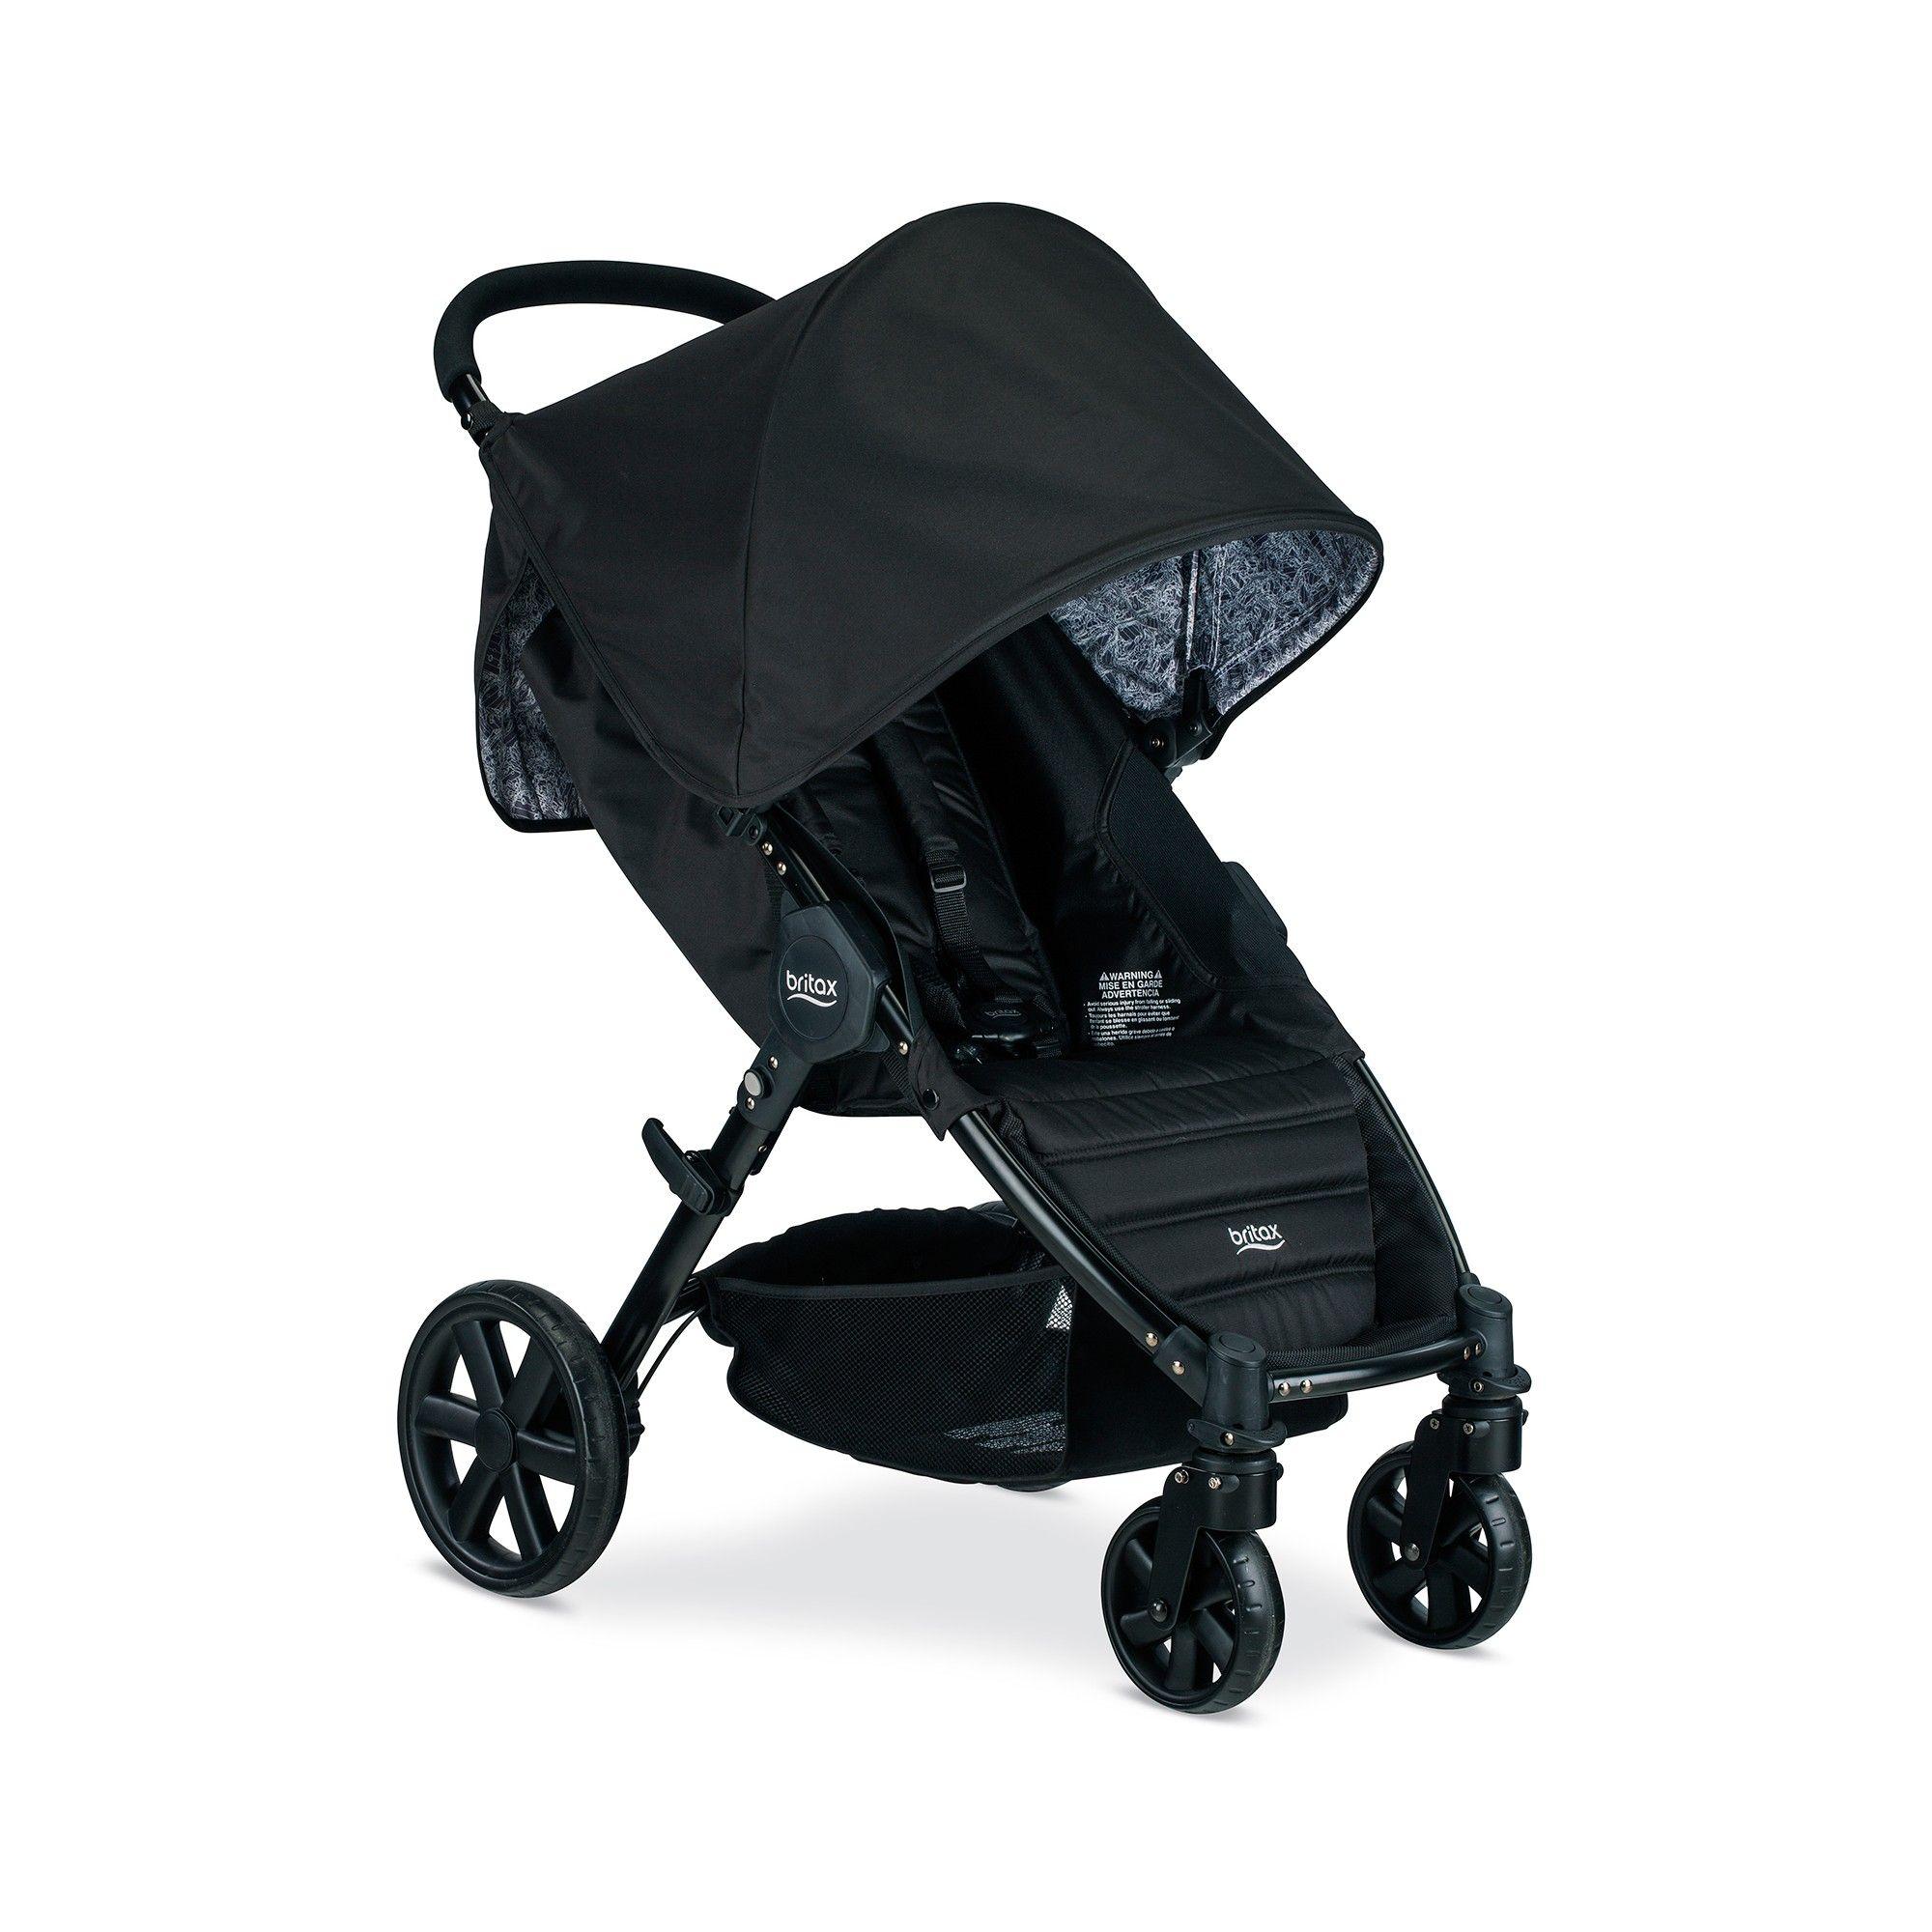 Britax Pathway Stroller Sketch Britax stroller, Baby